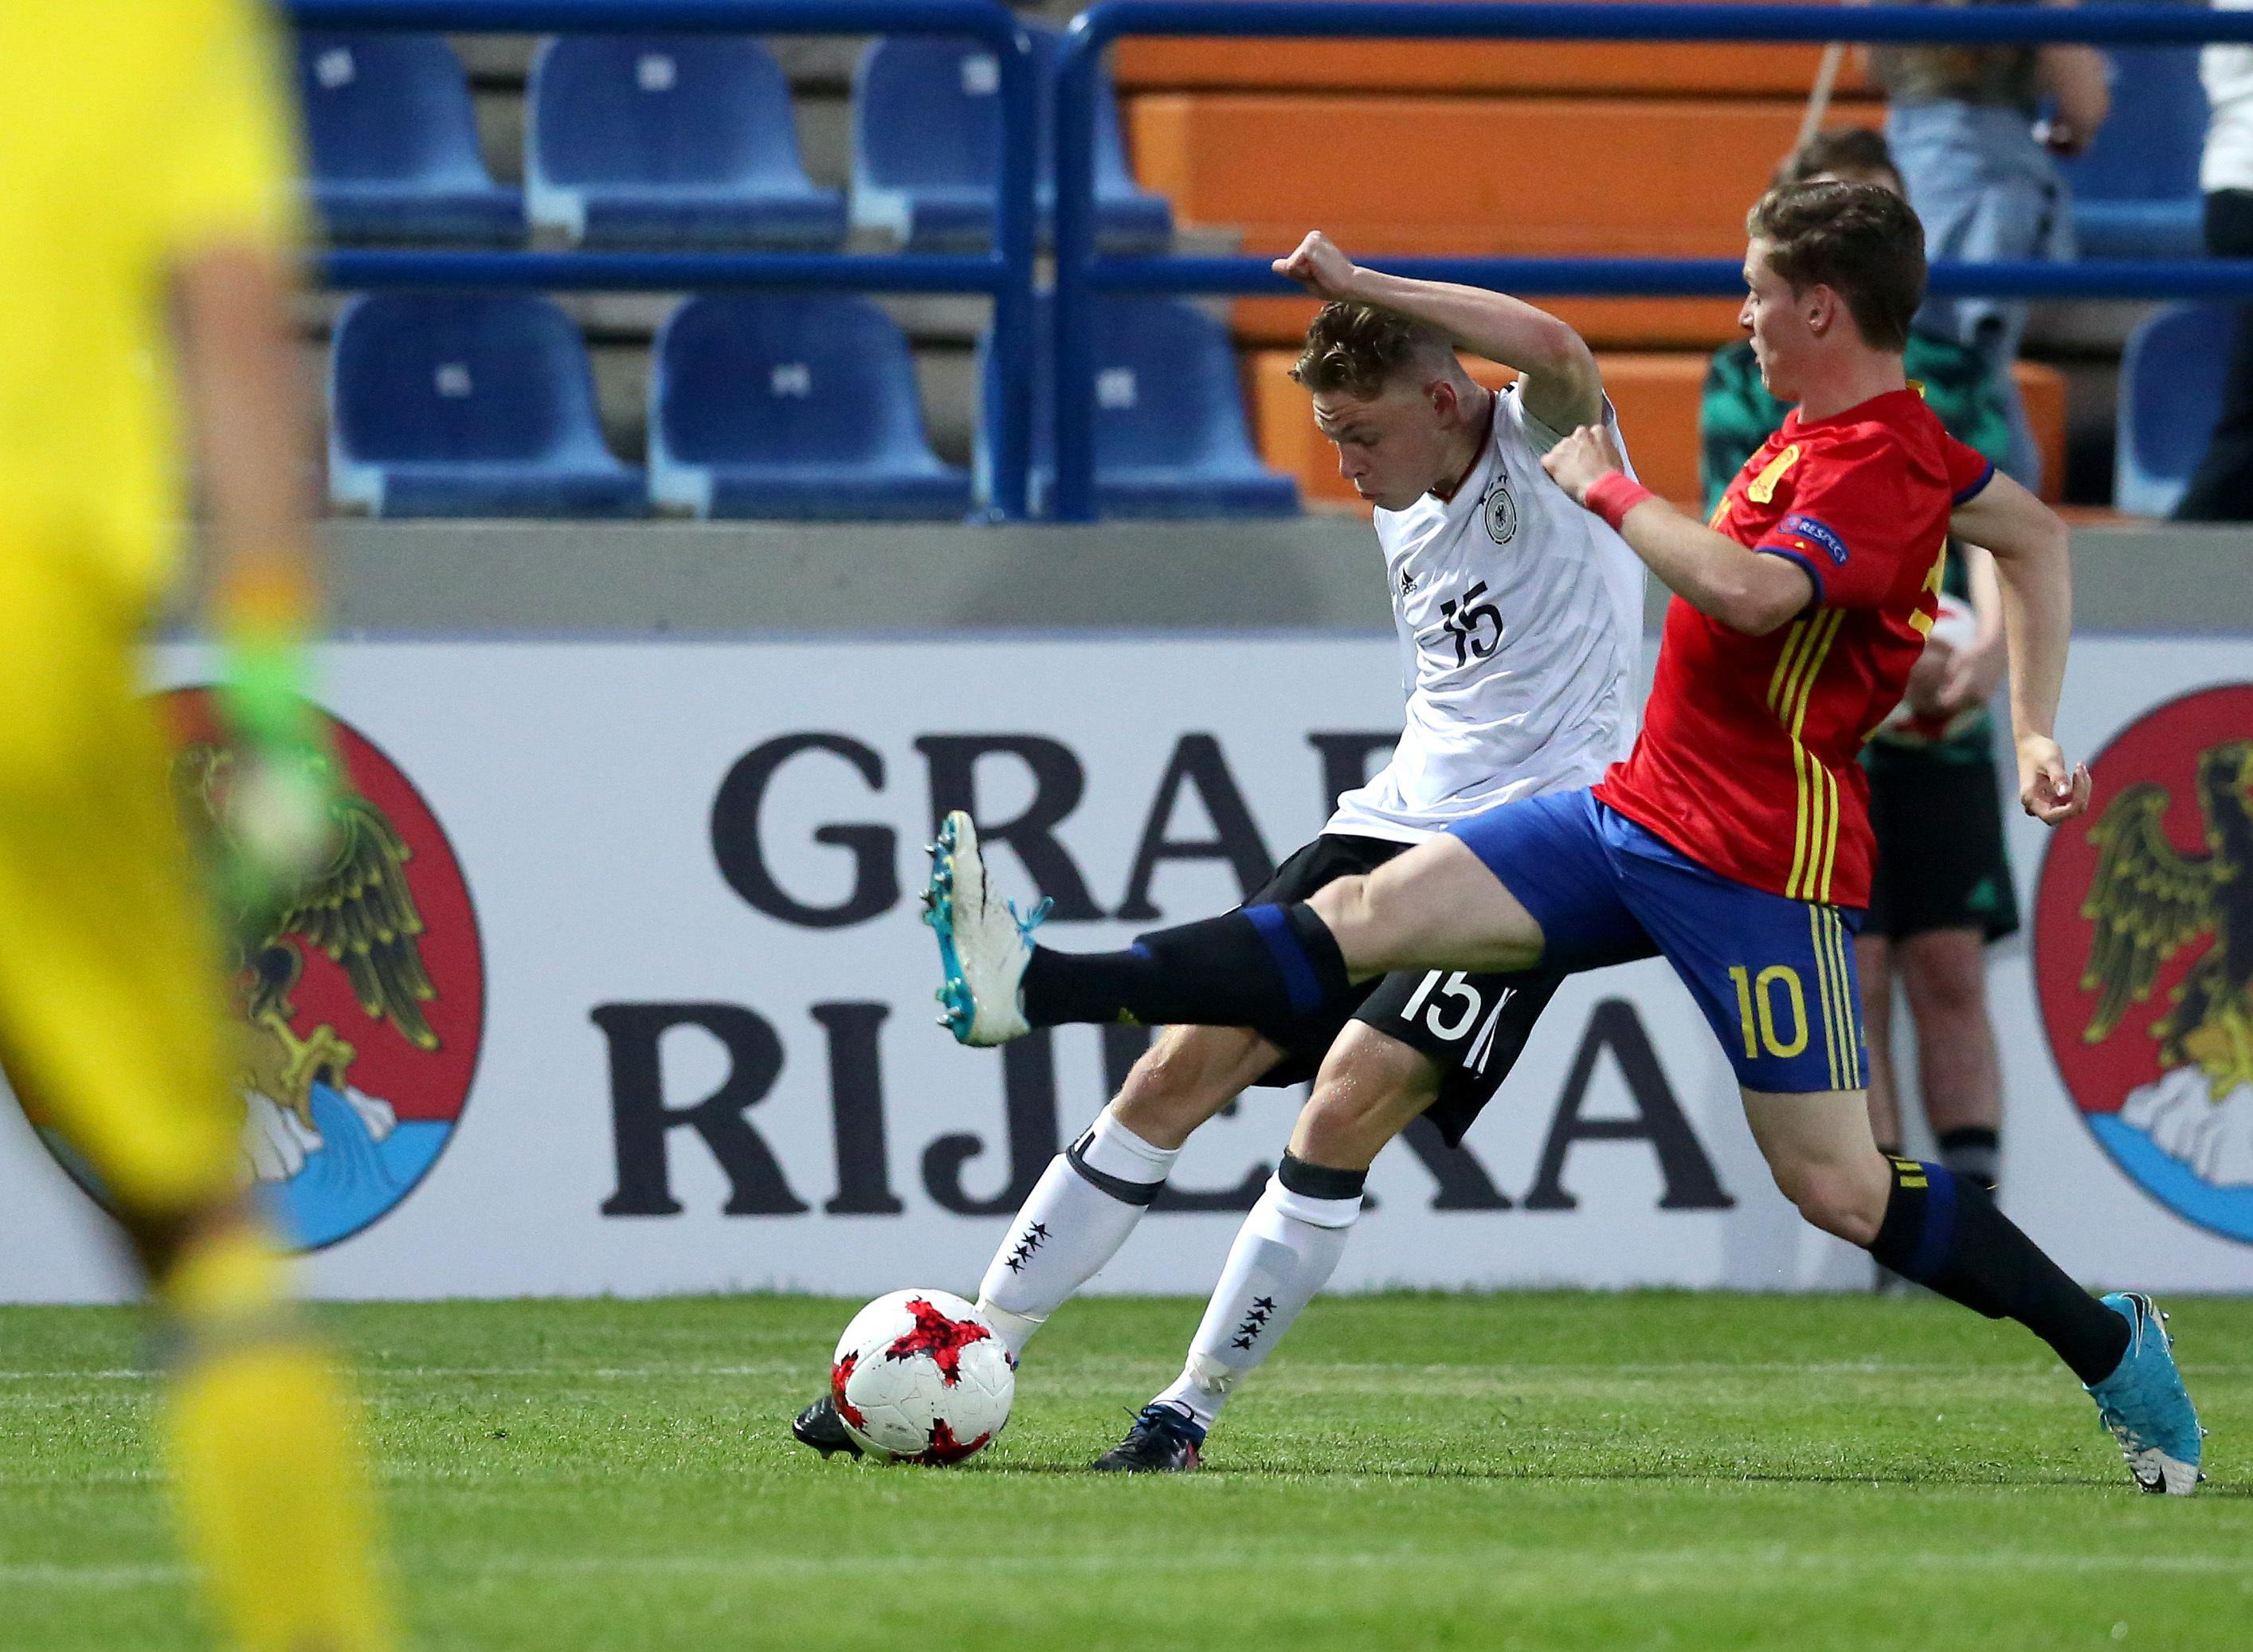 Medienbericht: BVB sichert sich spanisches Top-Talent